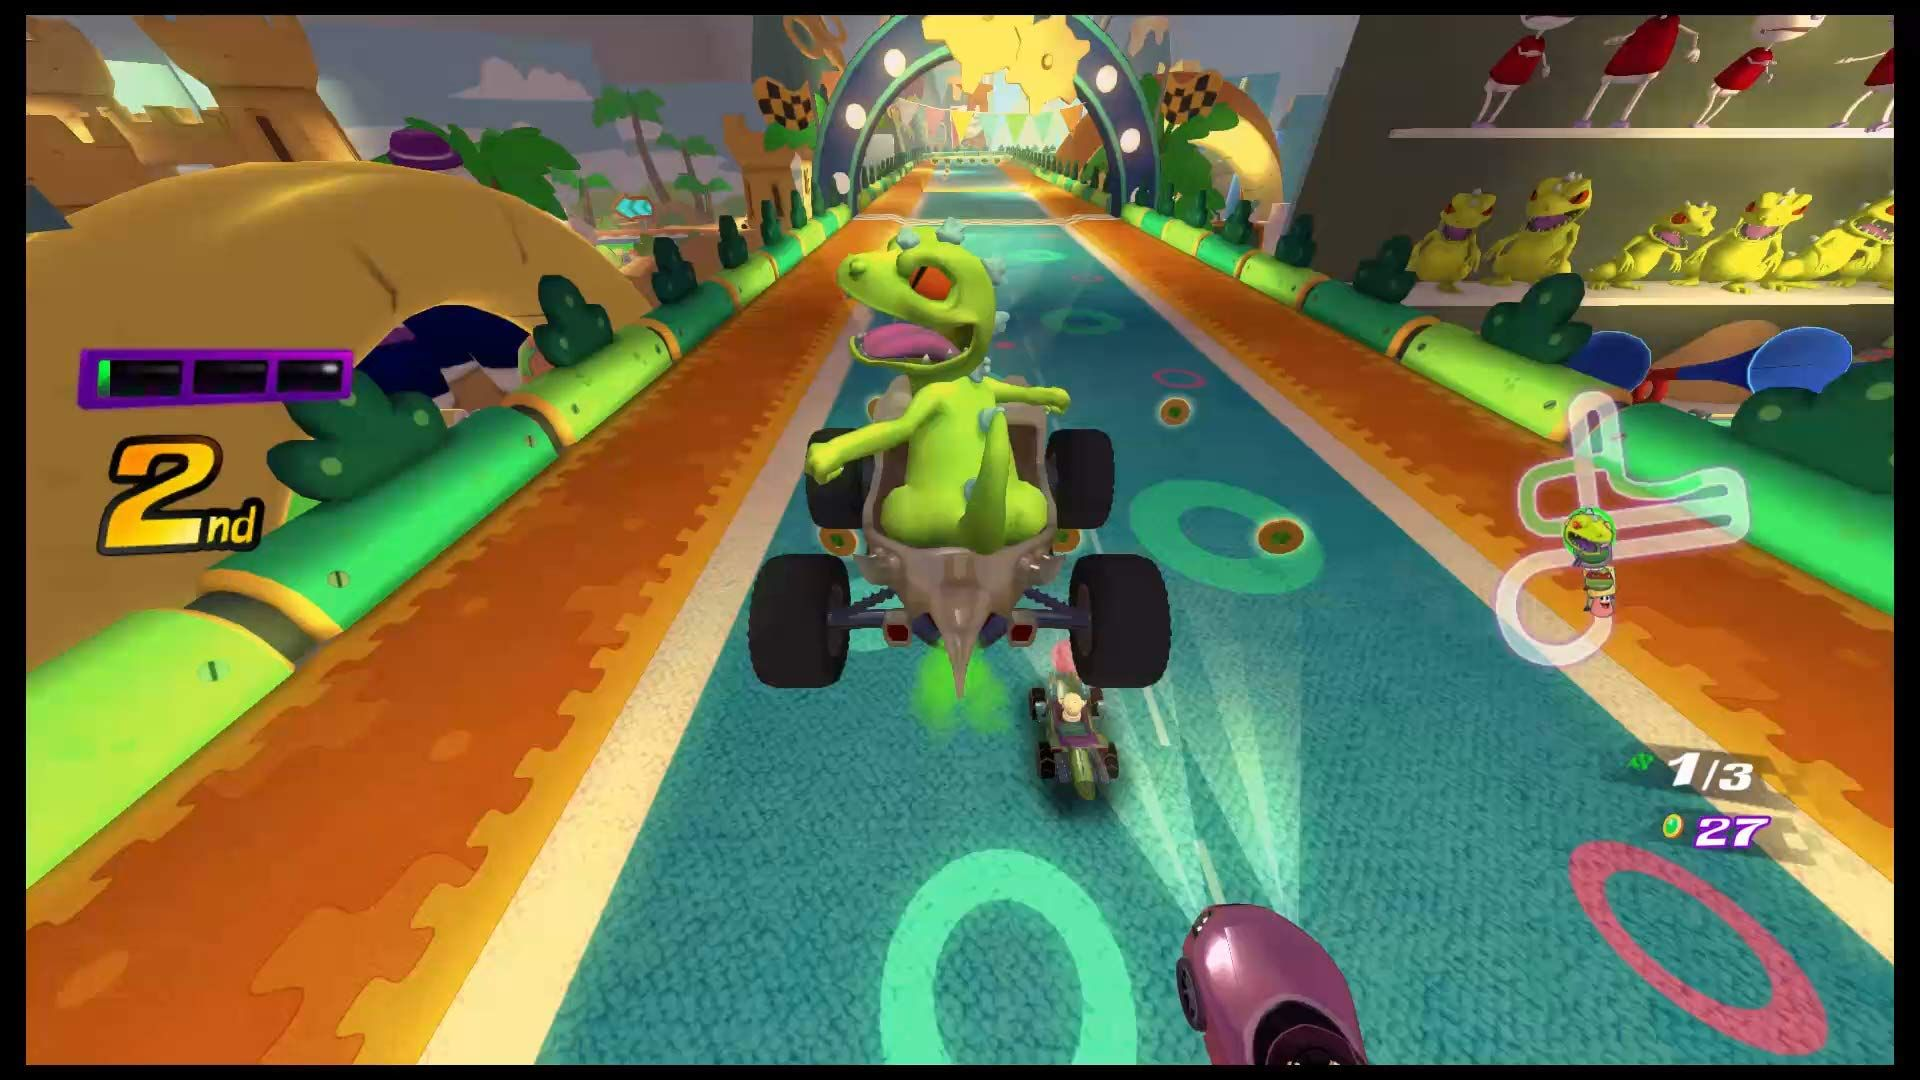 Nickelodeon Kart Racers - PlayStation 4,#Kart, #Nickelodeon